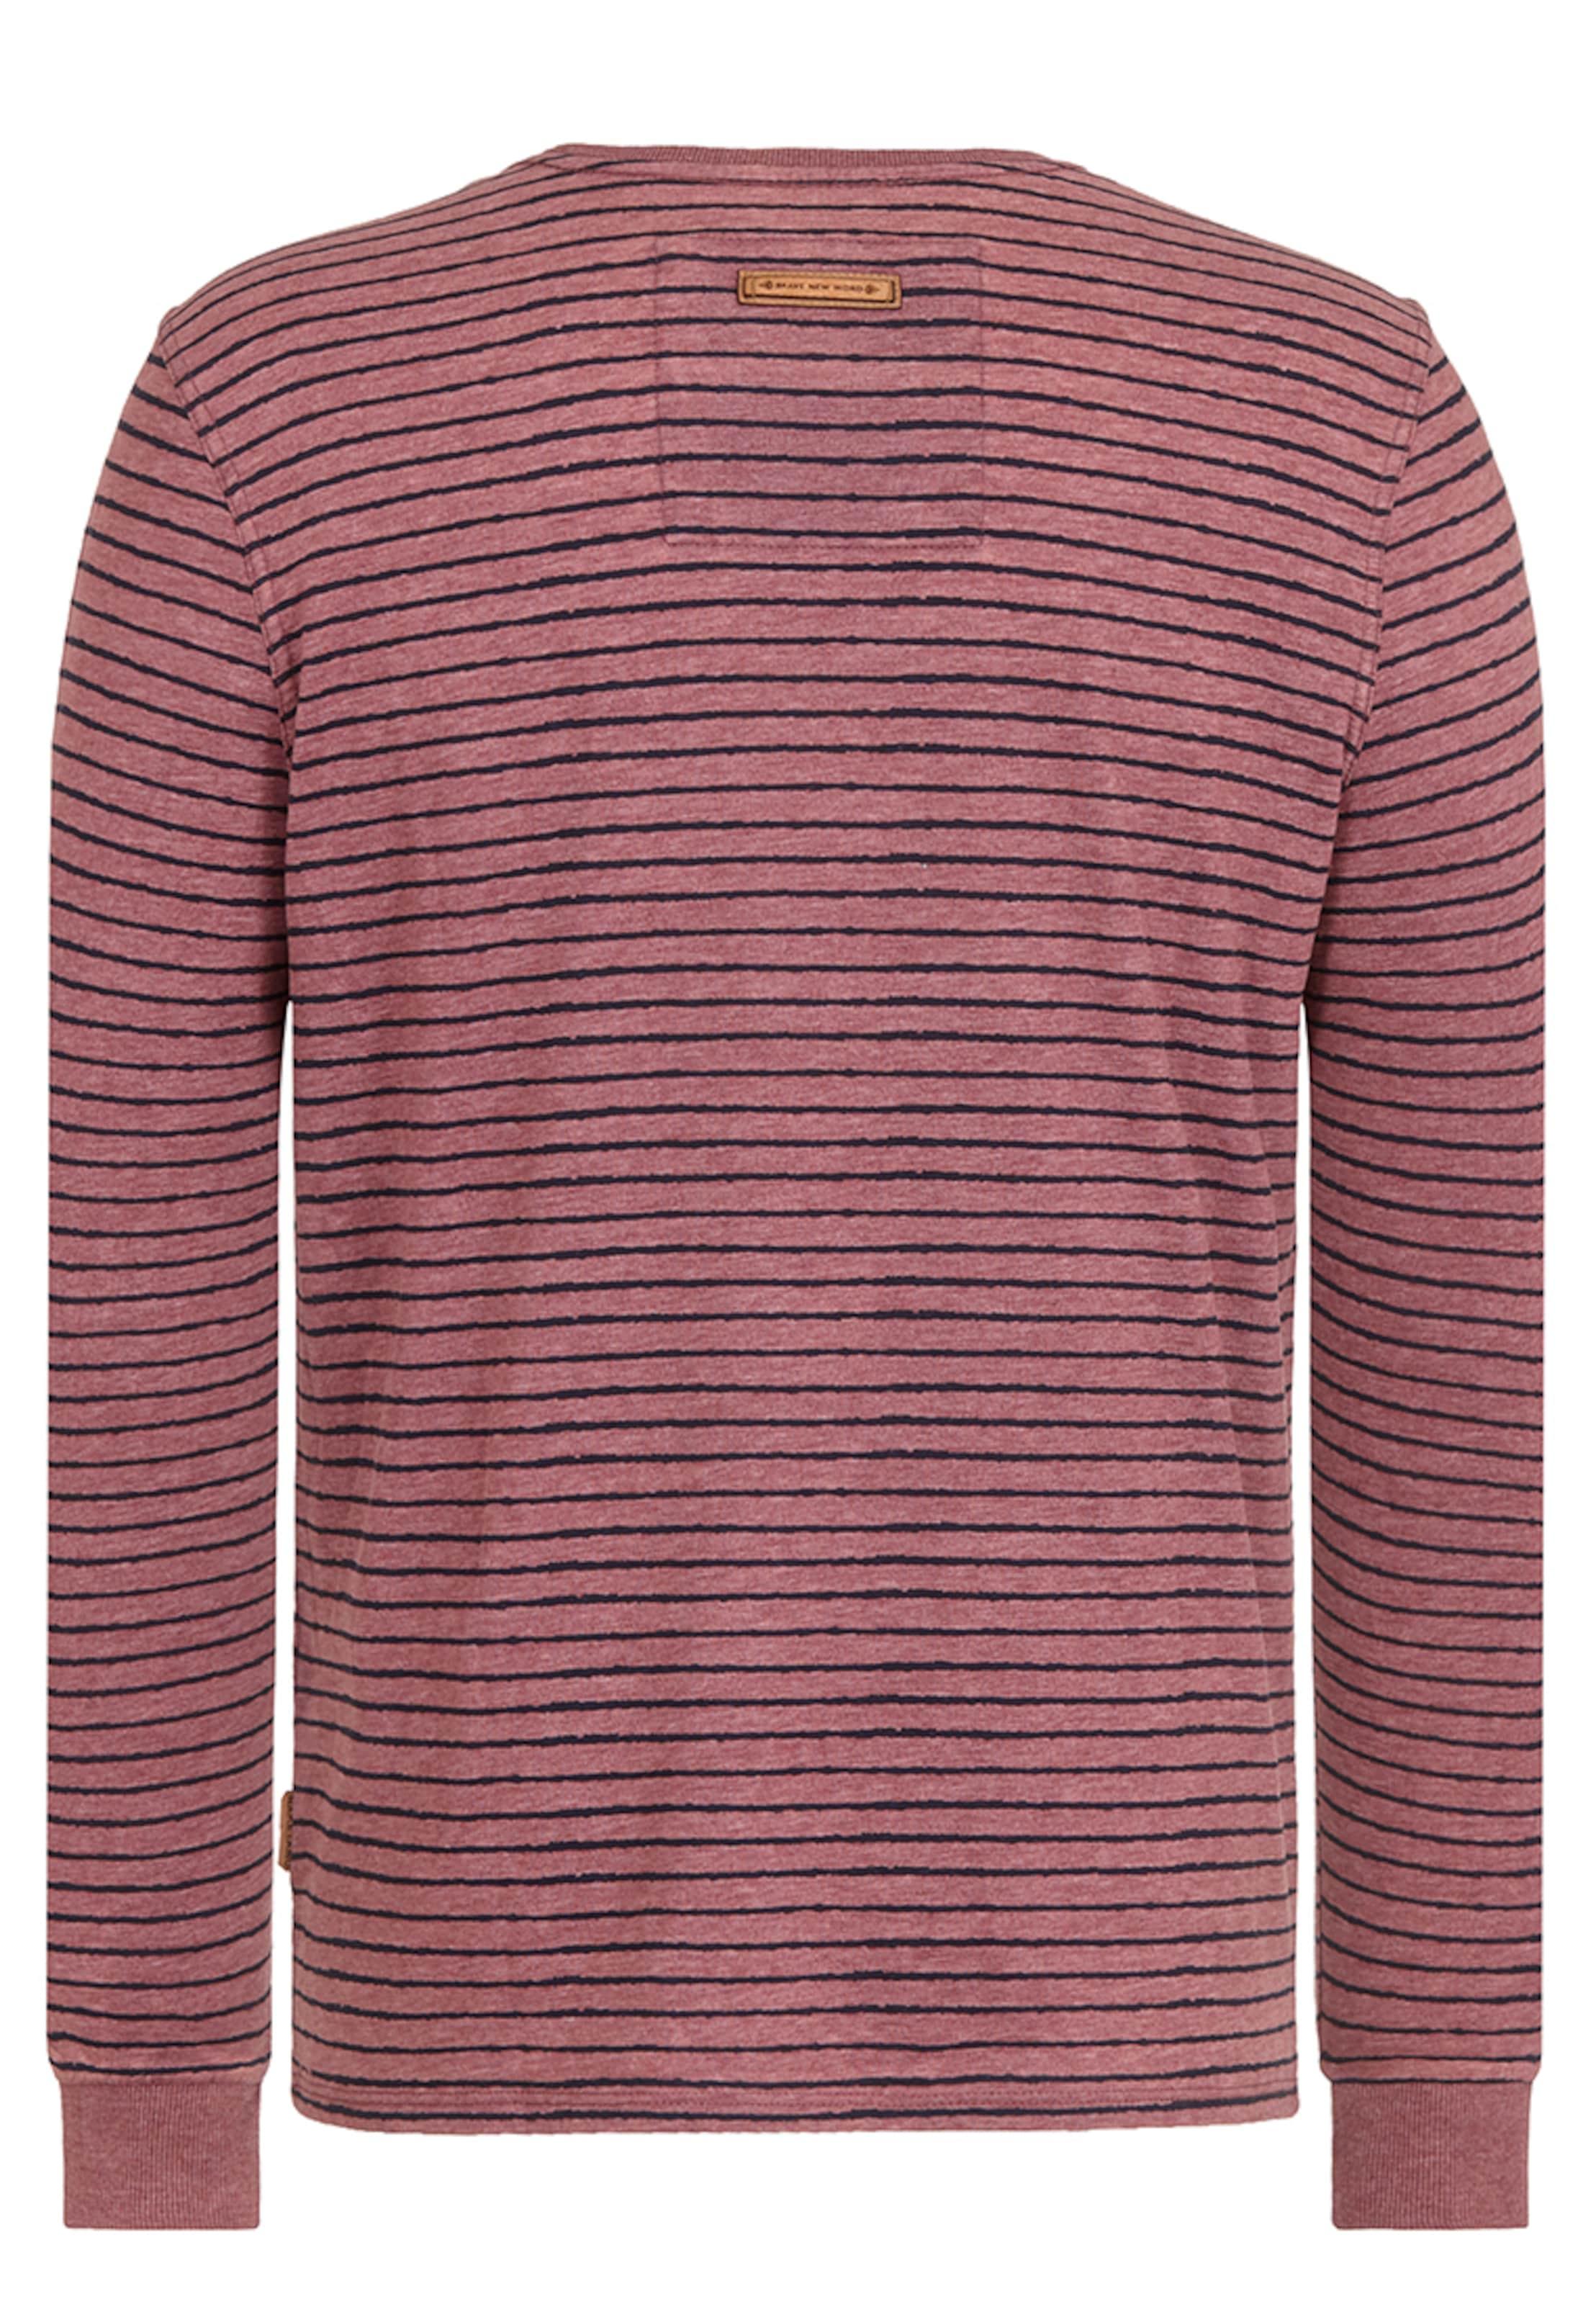 Freies Verschiffen 2018 Unisex Rabatt-Countdown-Paket naketano Sweatshirt 'Kommt Ein Dünnschiss III' Manchester Großer Verkauf Zum Verkauf n5KRfGh8